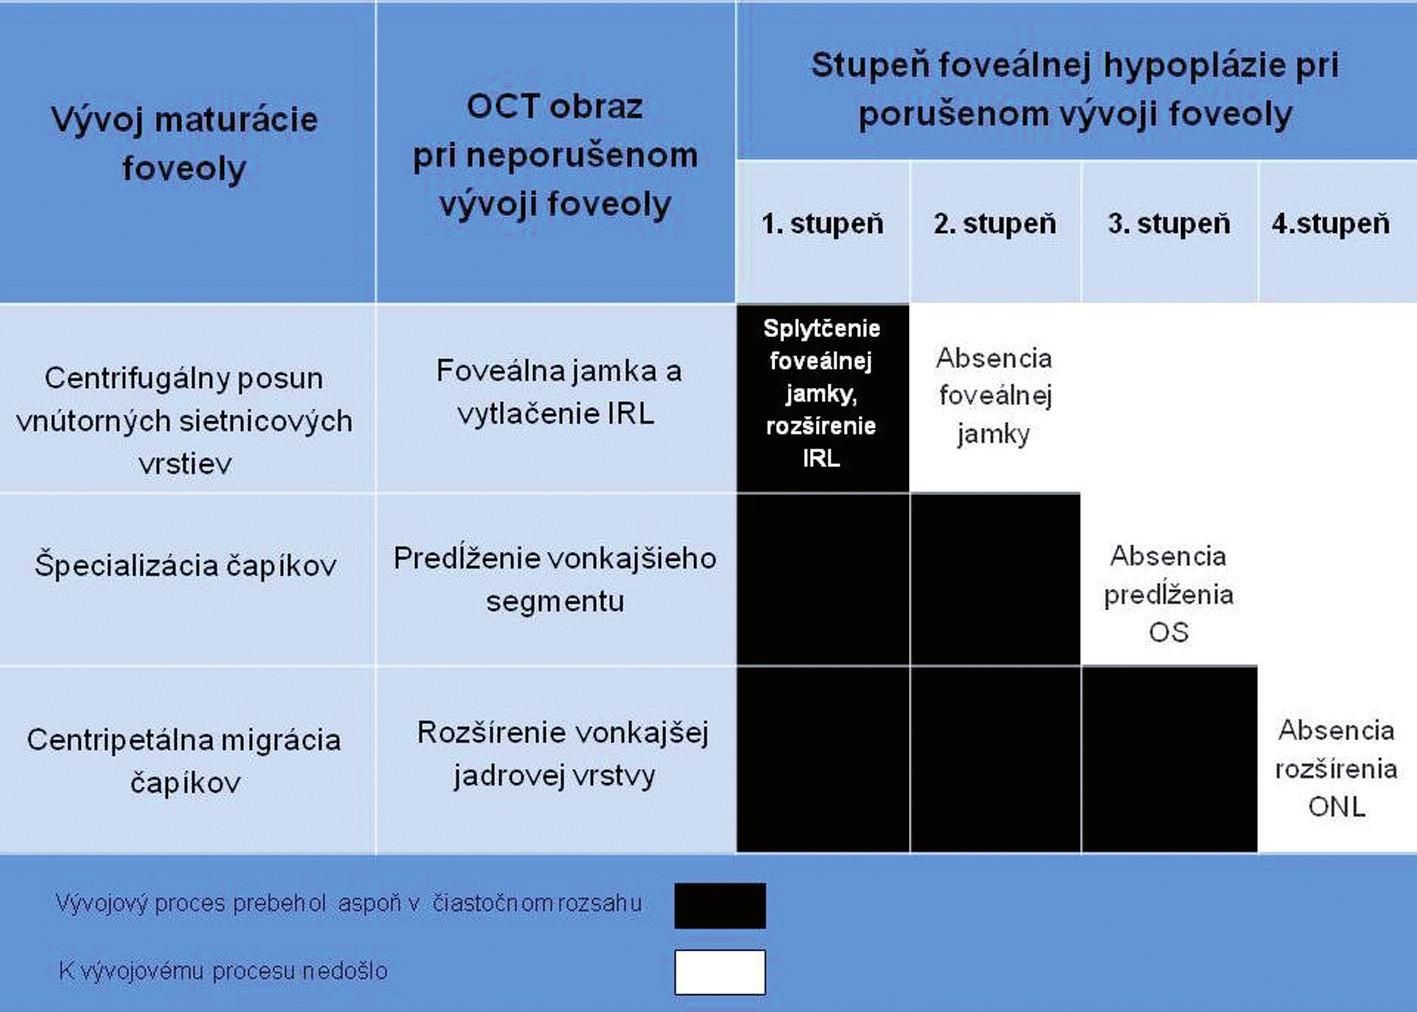 Stupne FH podľa poruchy vývoja maturácie foveoly a korelácia OCT obrazu.